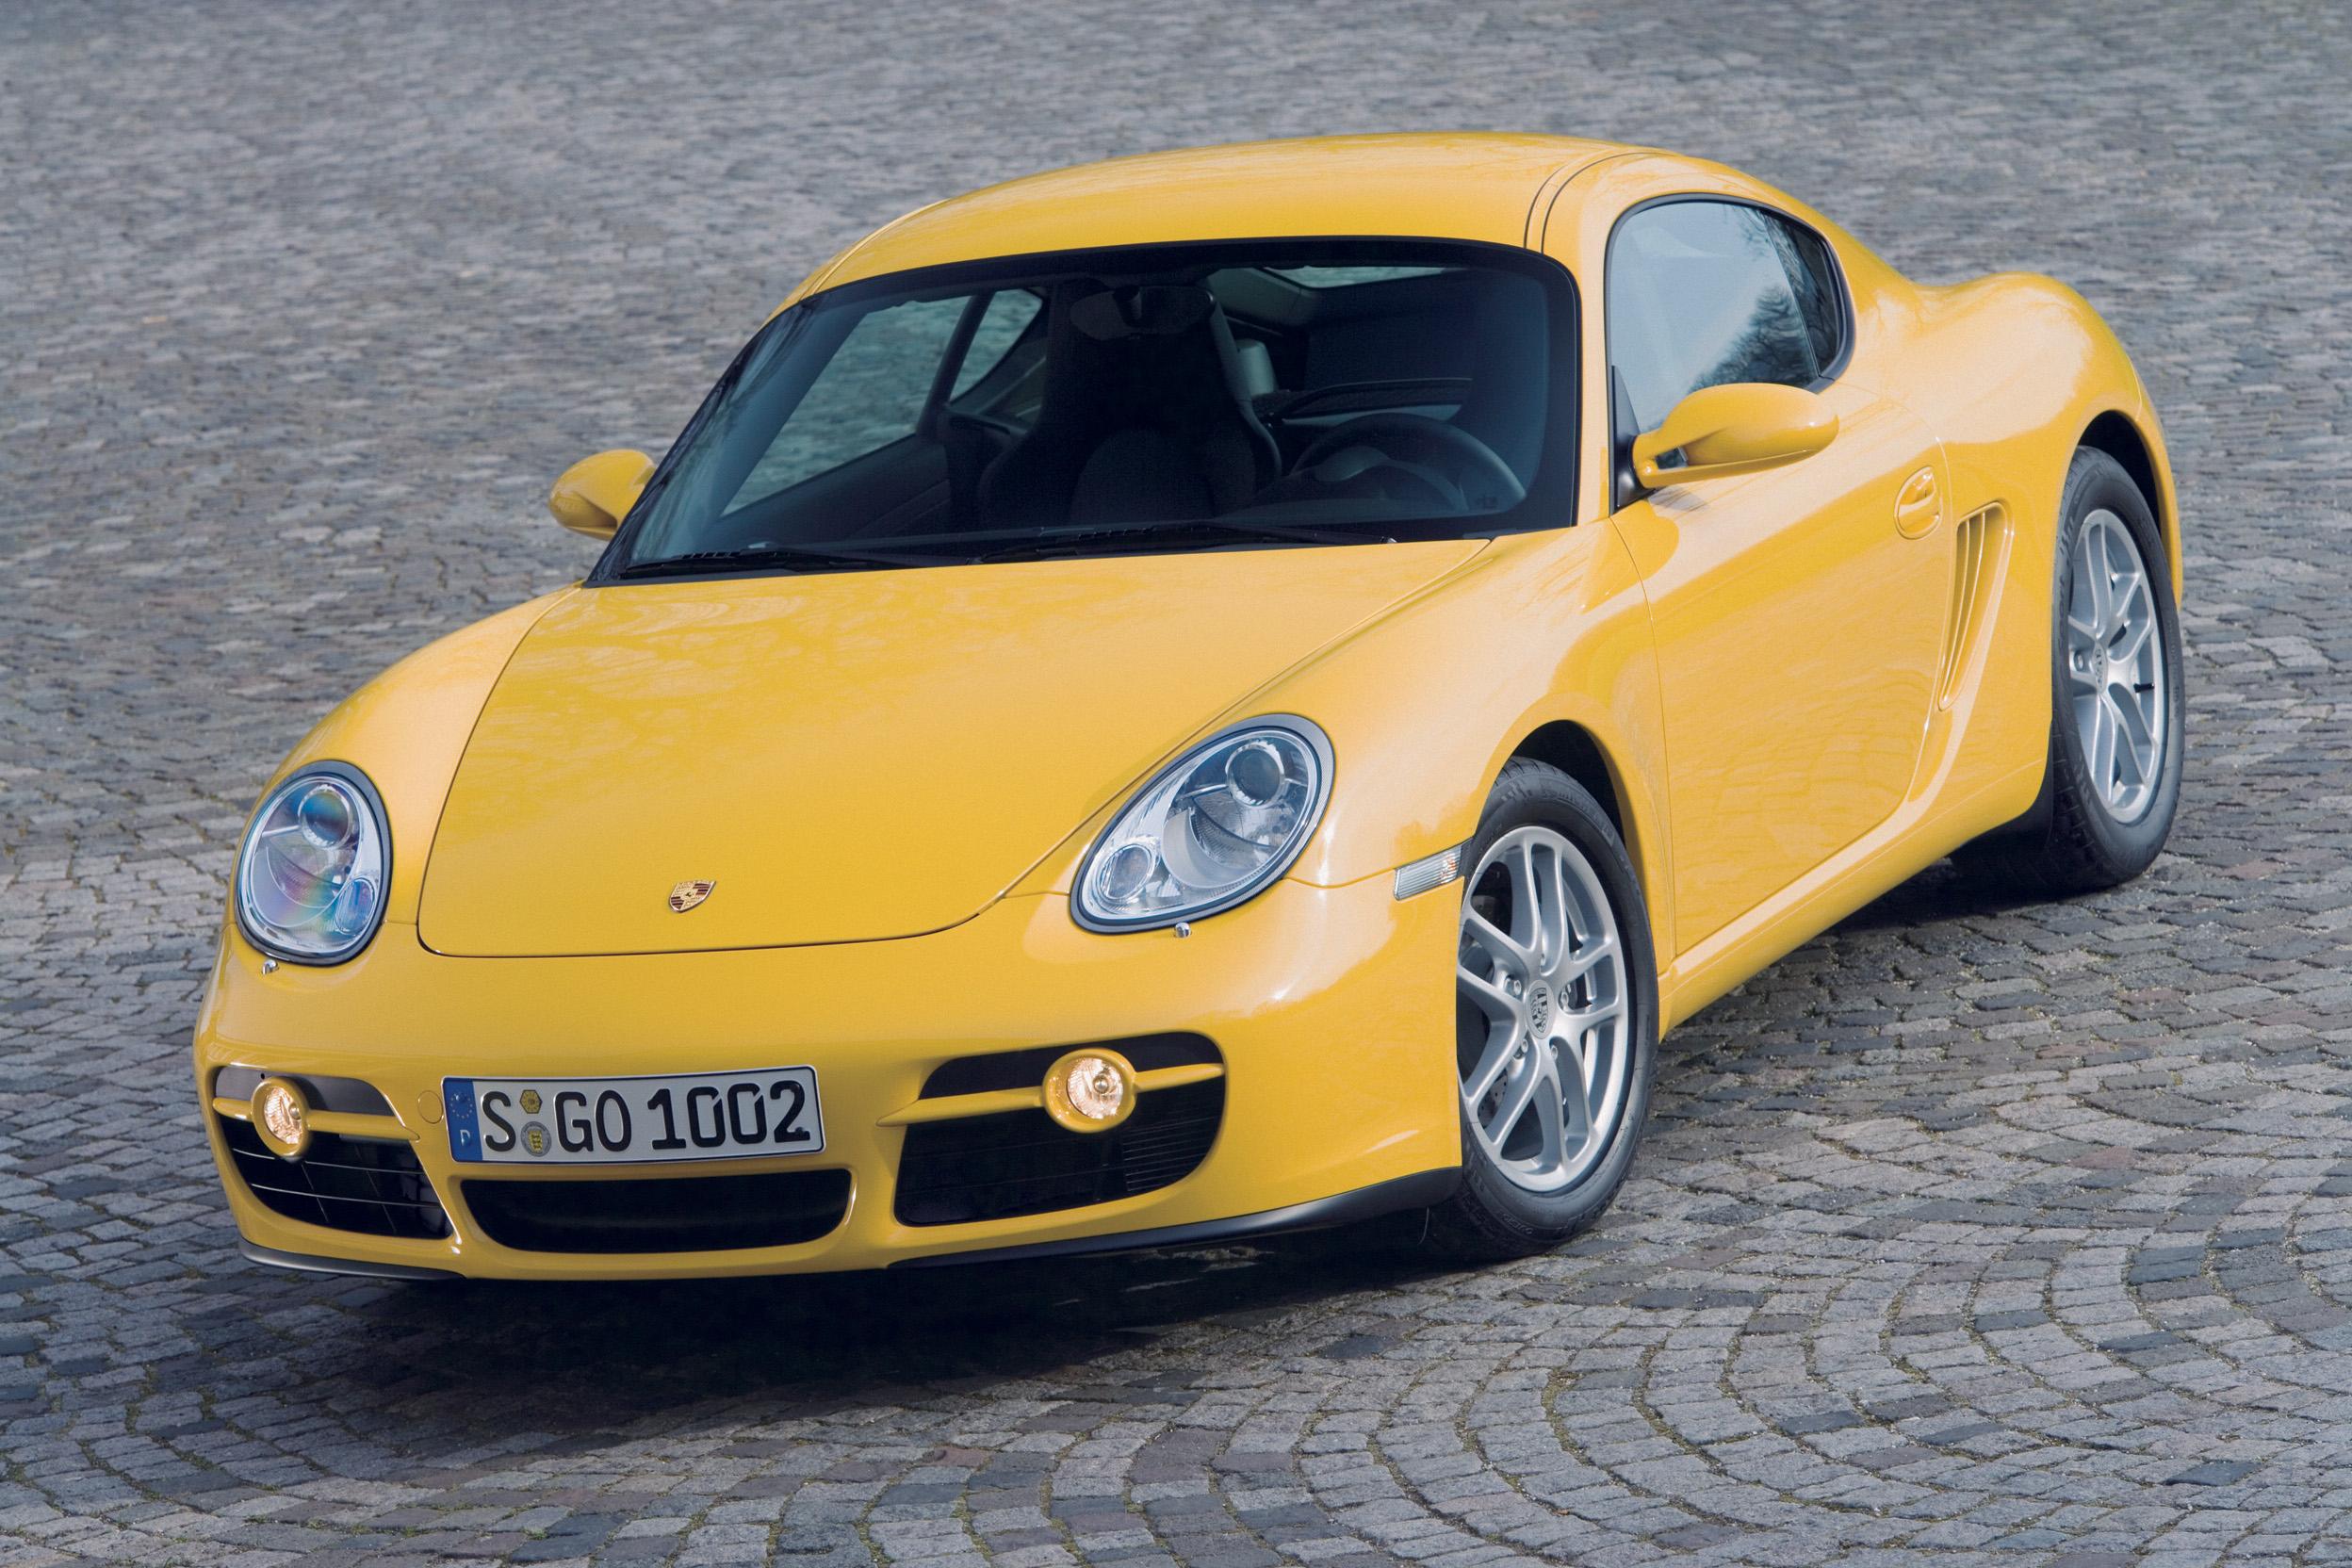 2007 Porsche Cayman front 3/4